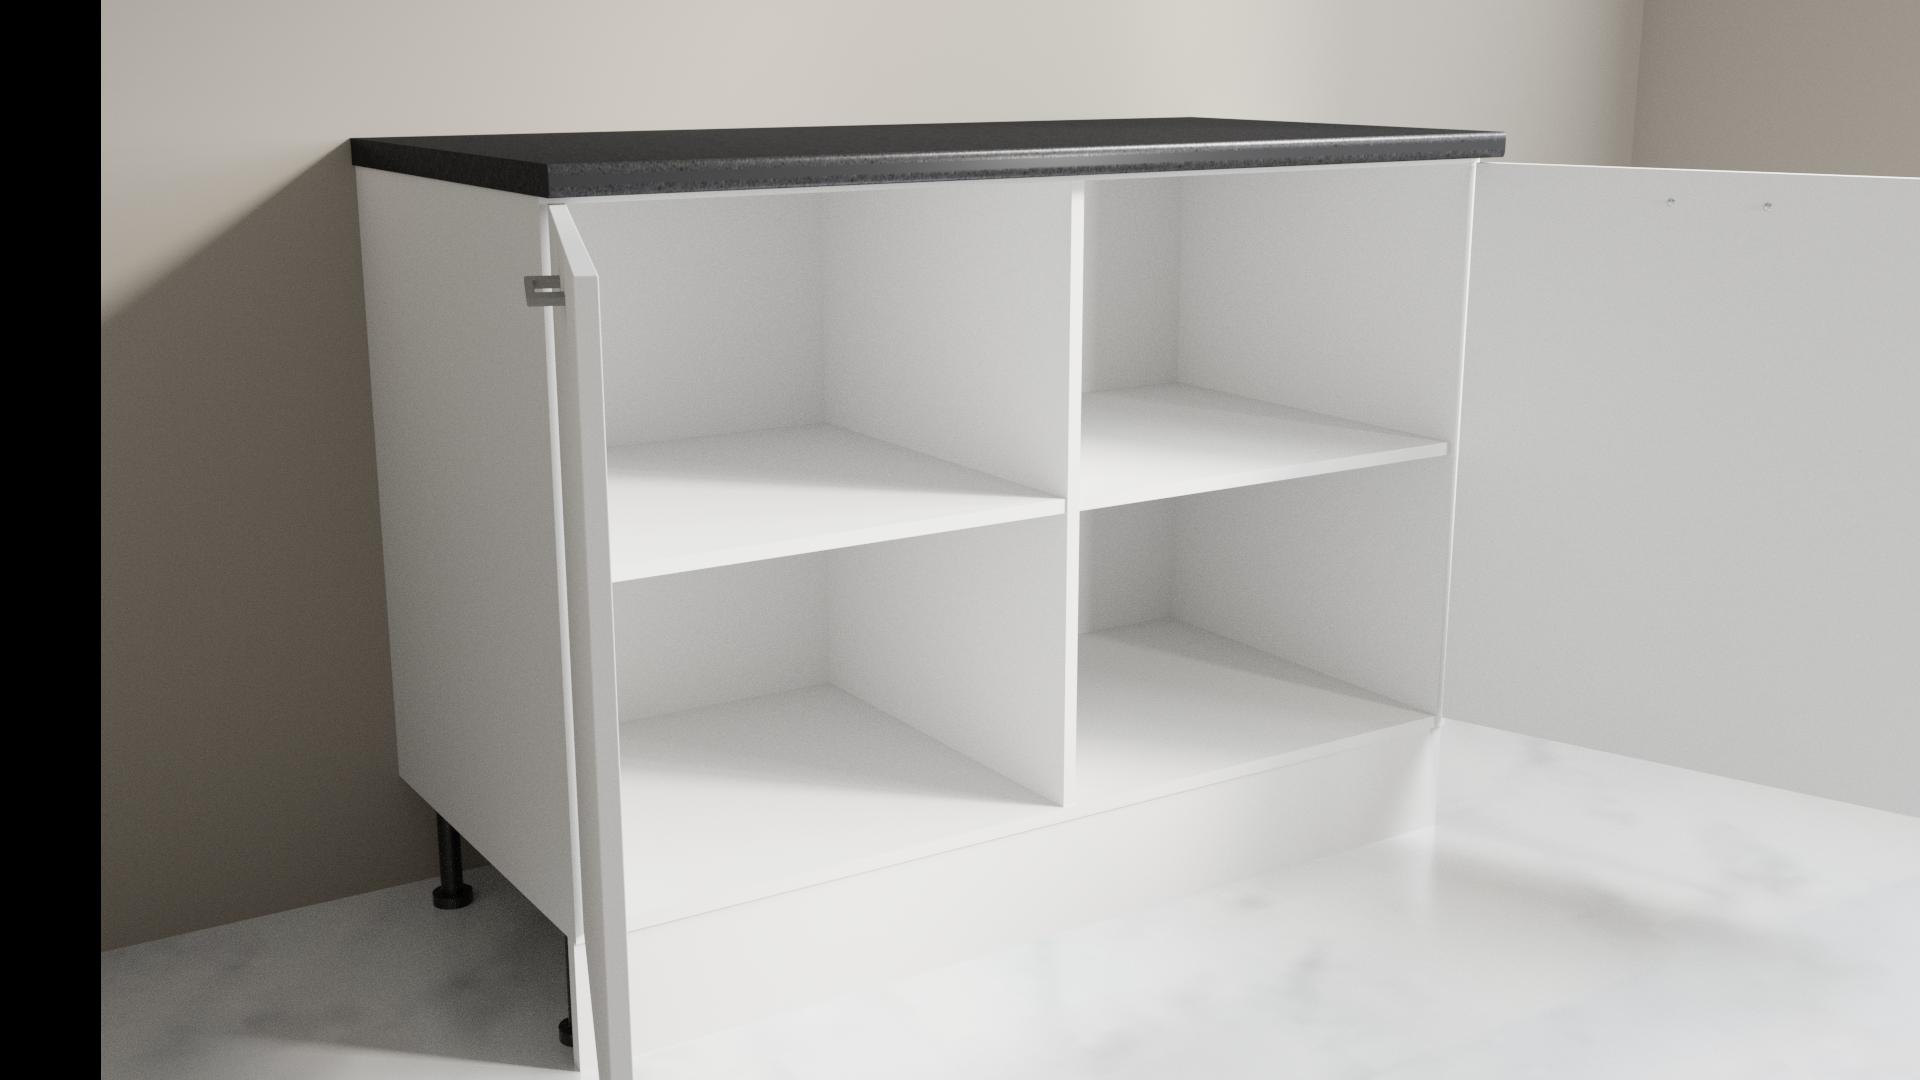 Niki 1200mm Wide Base Cabinet Image S120 for Kitchen